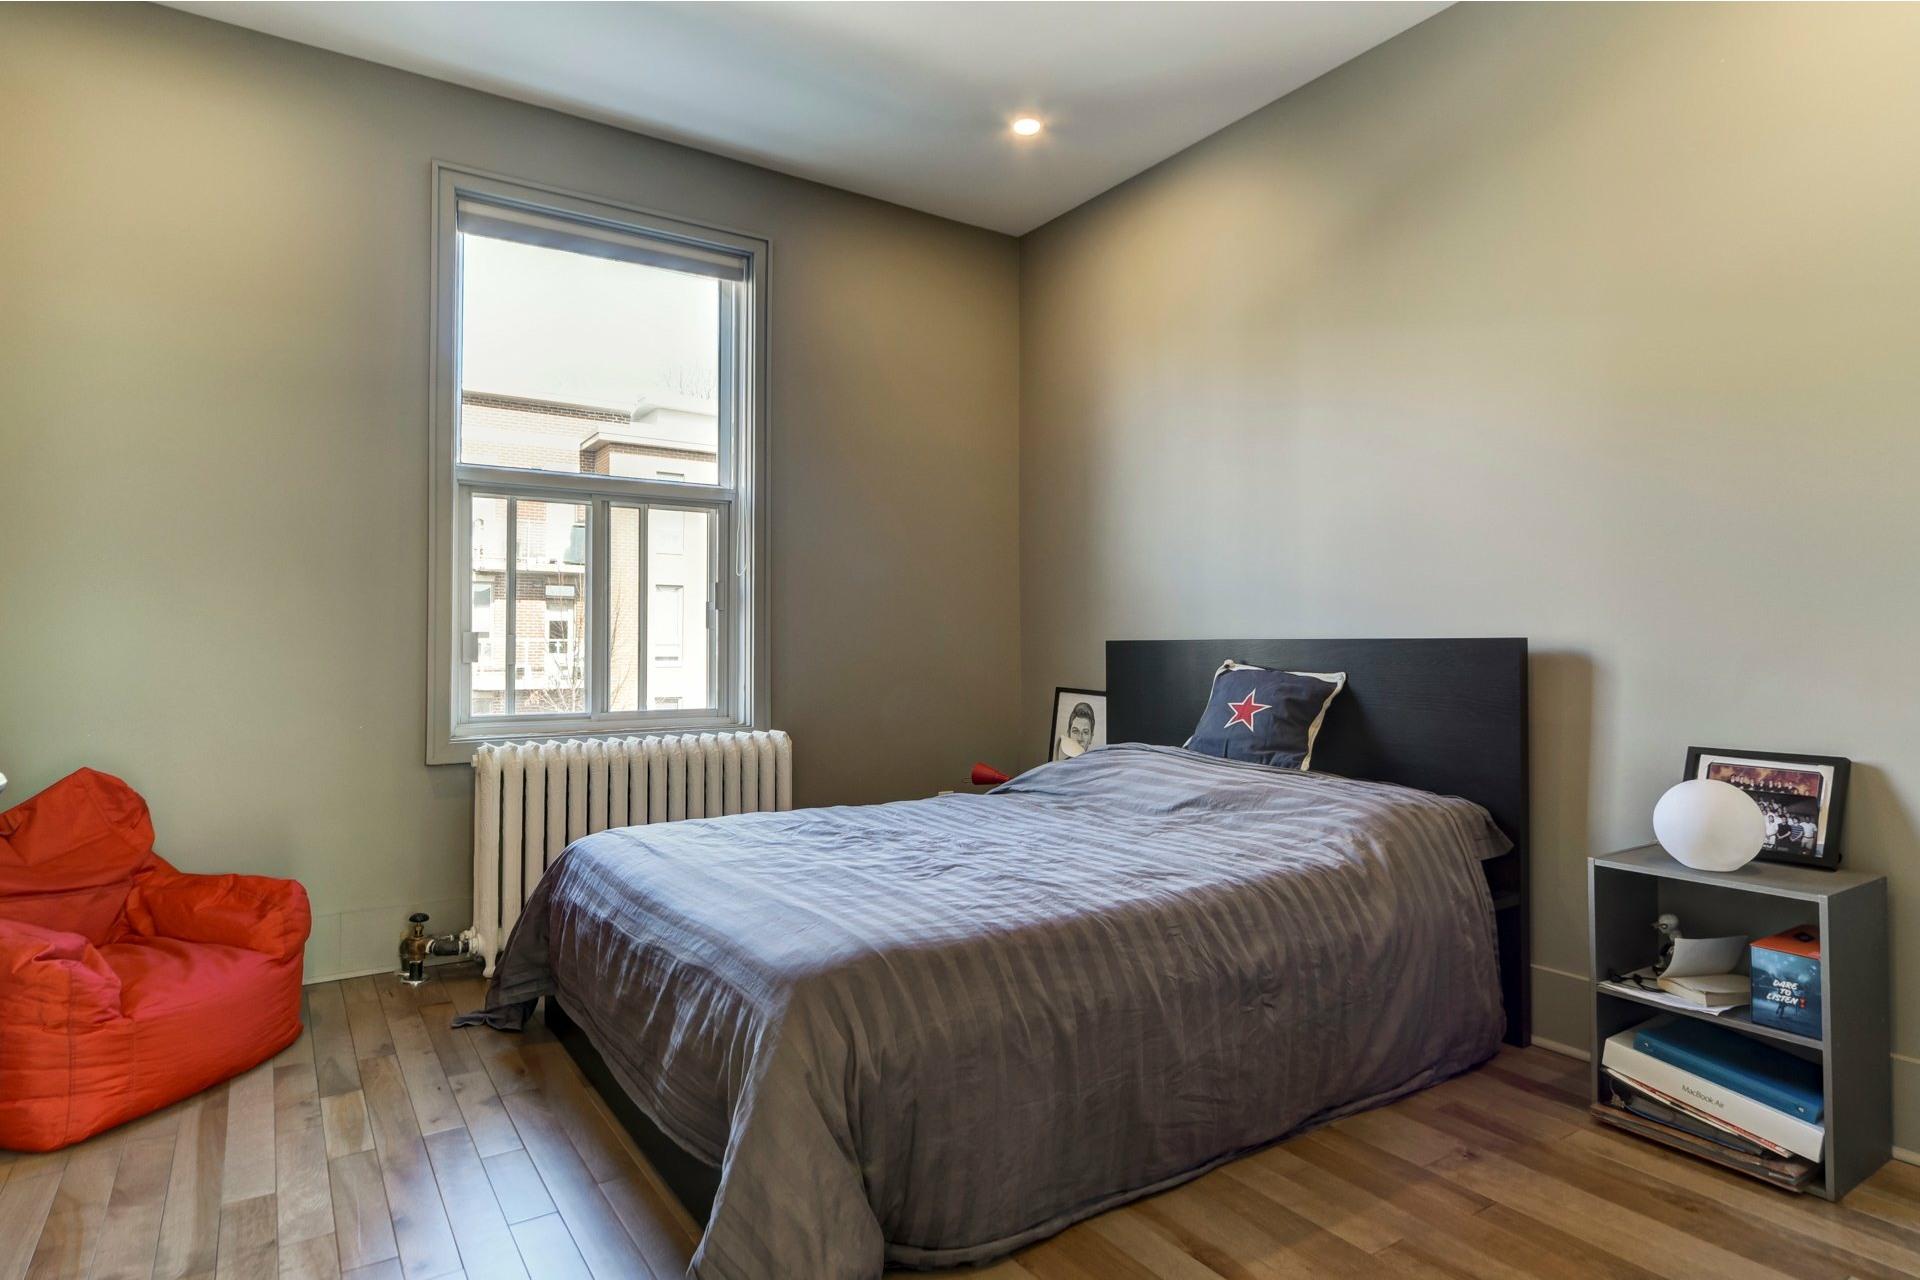 image 22 - Appartement À louer Côte-des-Neiges/Notre-Dame-de-Grâce Montréal  - 10 pièces